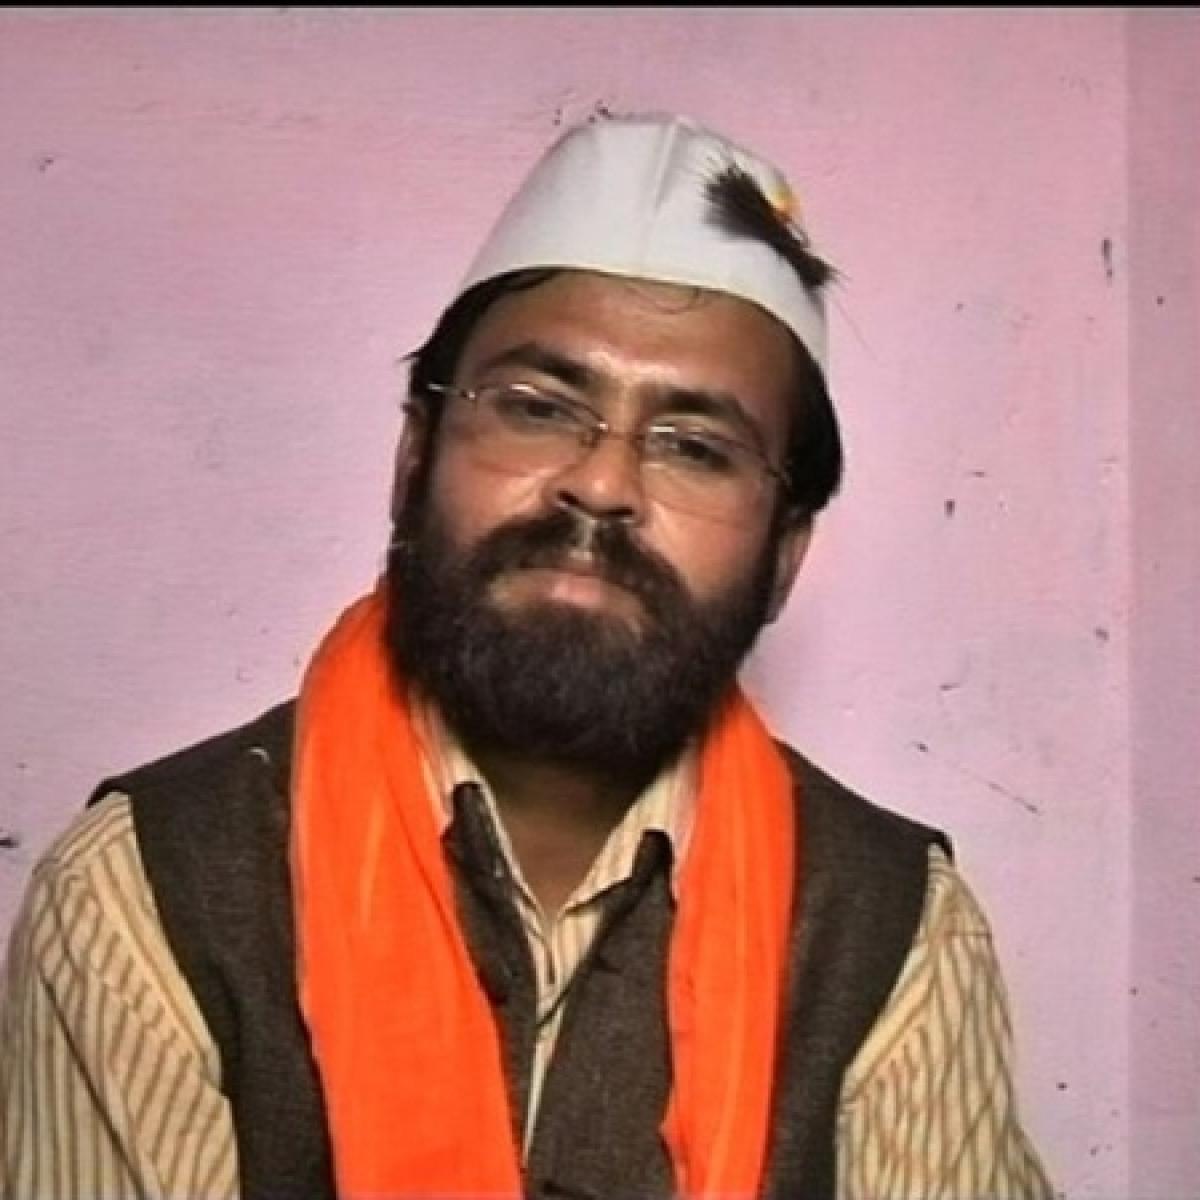 AAP MLA Akhilesh Tripathi taken into custody